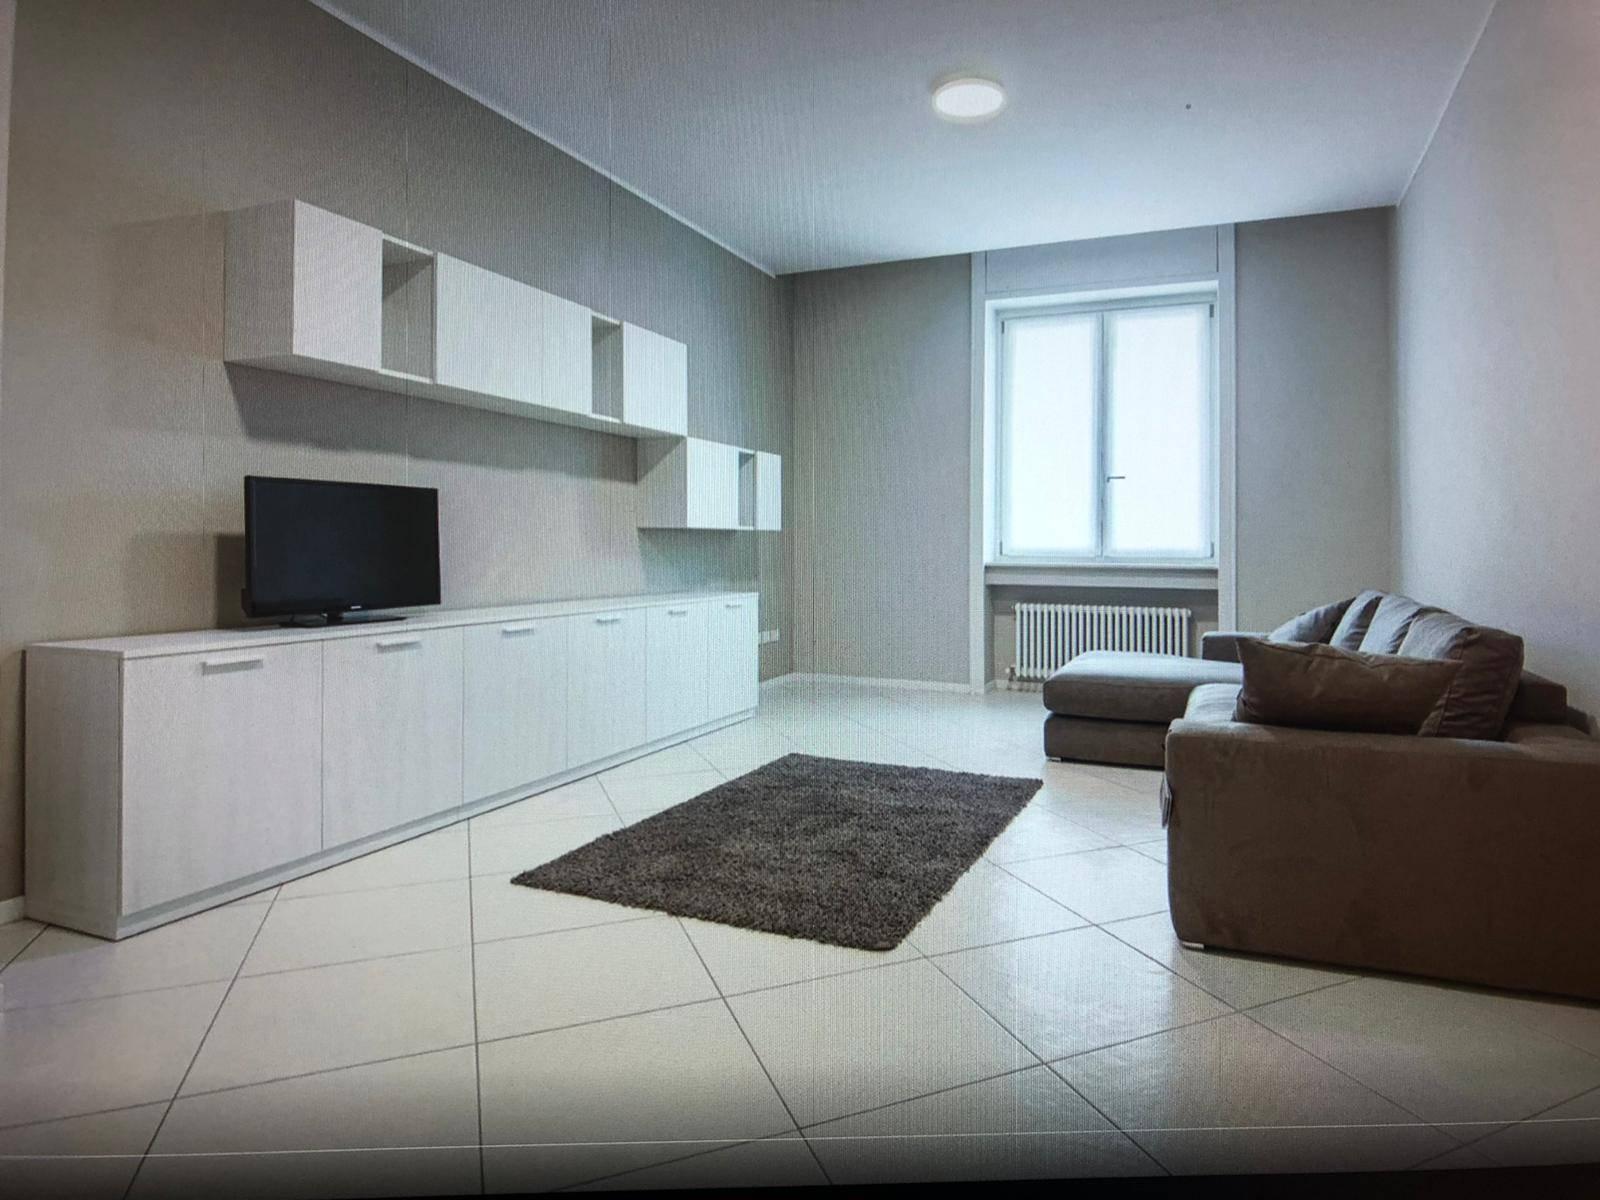 Appartamento in affitto a Mantova, 3 locali, zona Zona: Centro storico, prezzo € 480 | CambioCasa.it